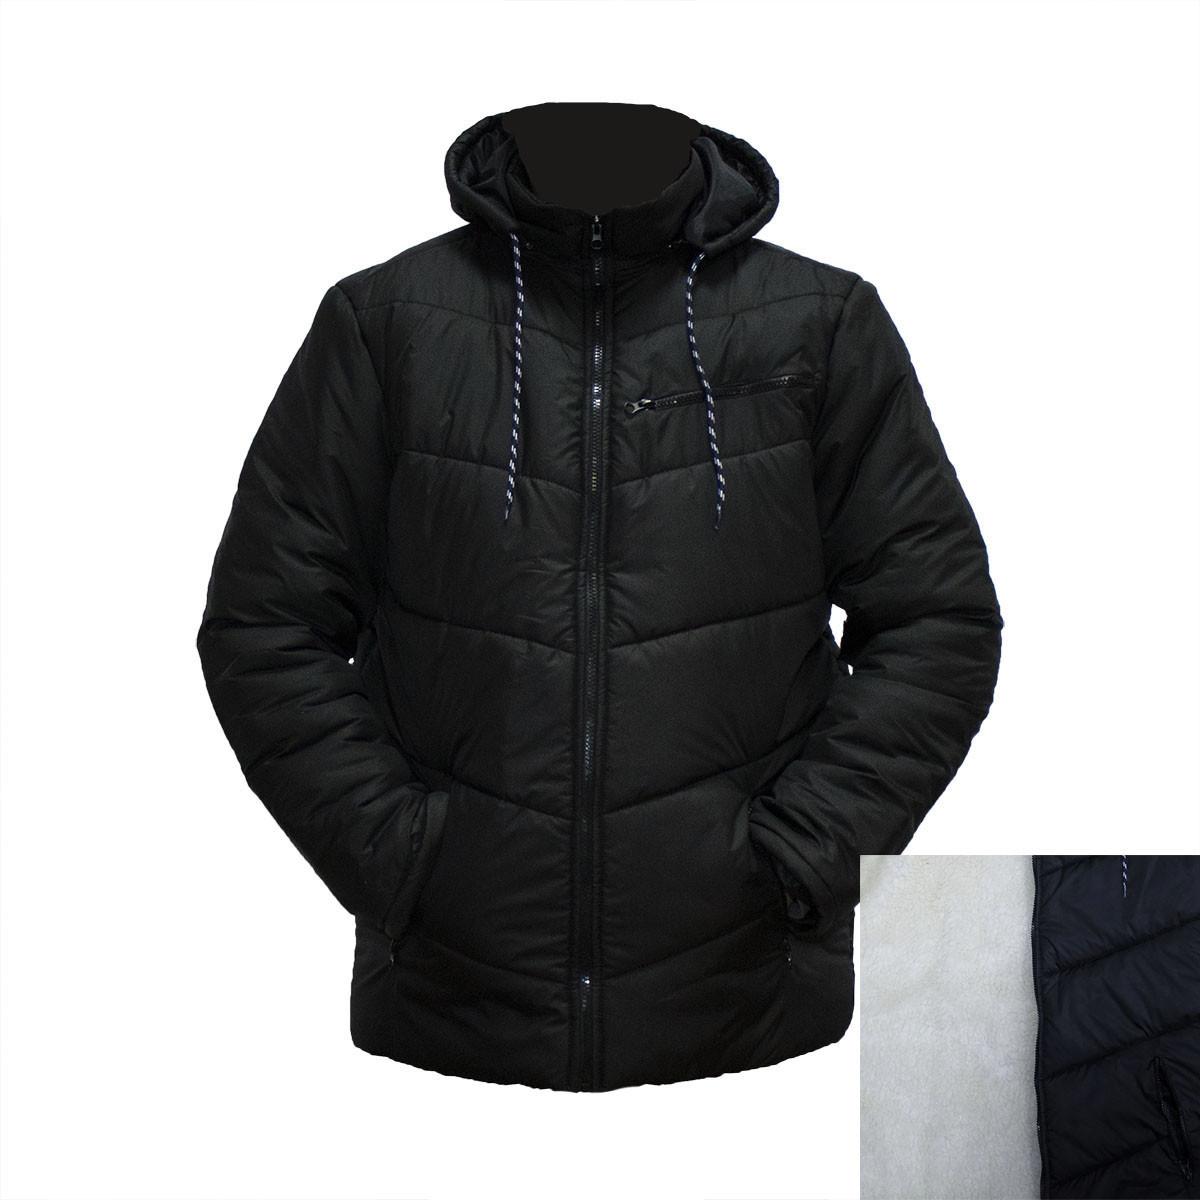 6f03374baac55 Зимние мужские куртки на овчине фабричный пошив пр-во Украина E1832H -  Оптово-розничный